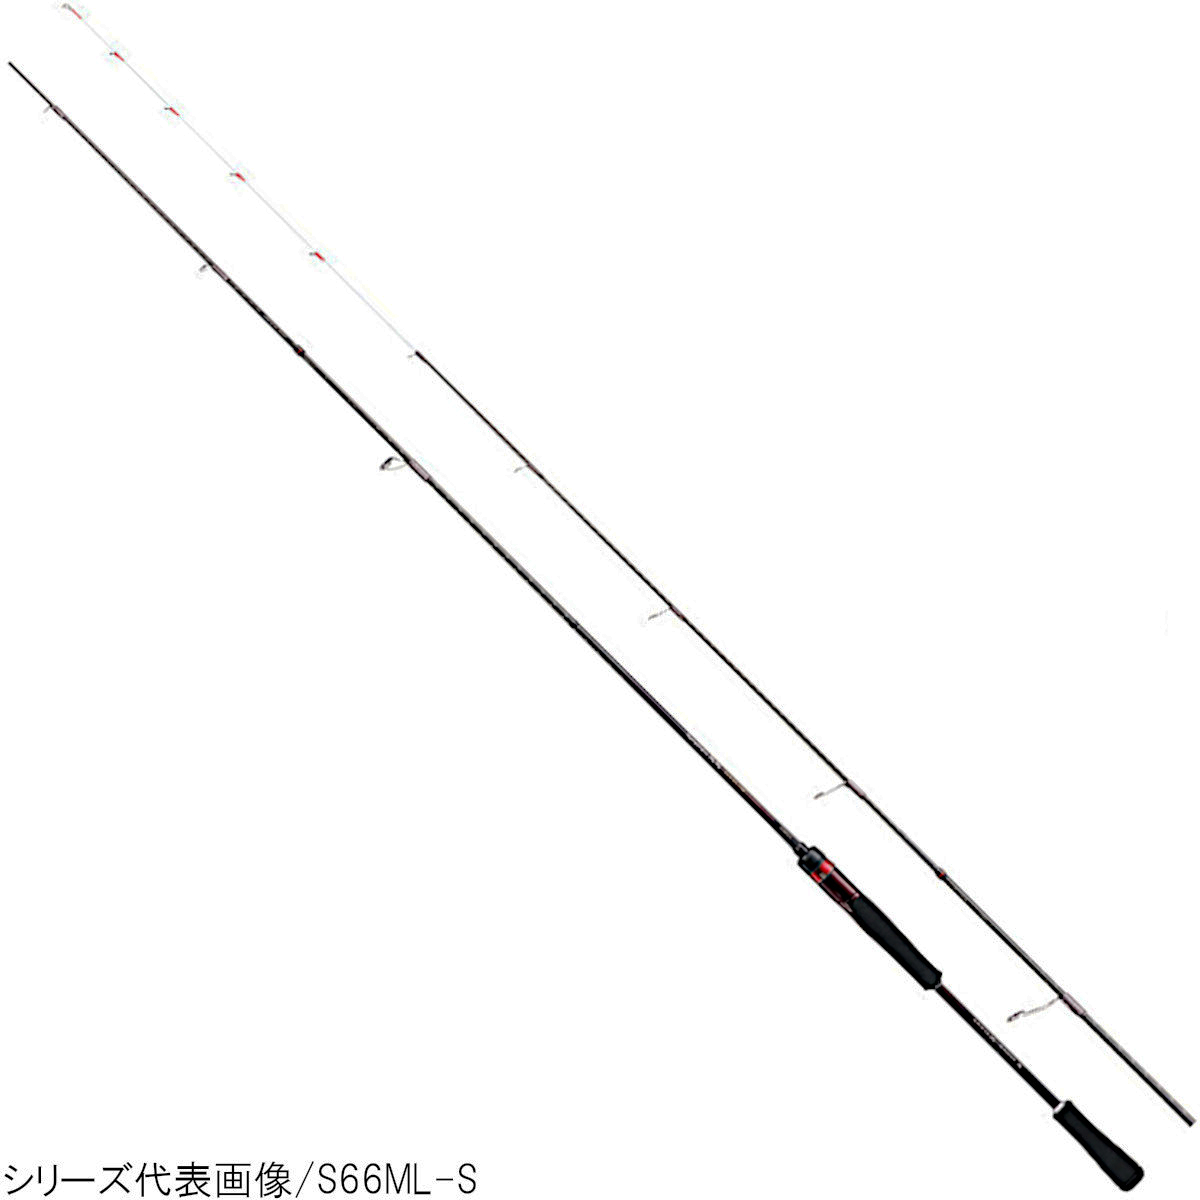 シマノ セフィア SS ティップエギング S70ML-S